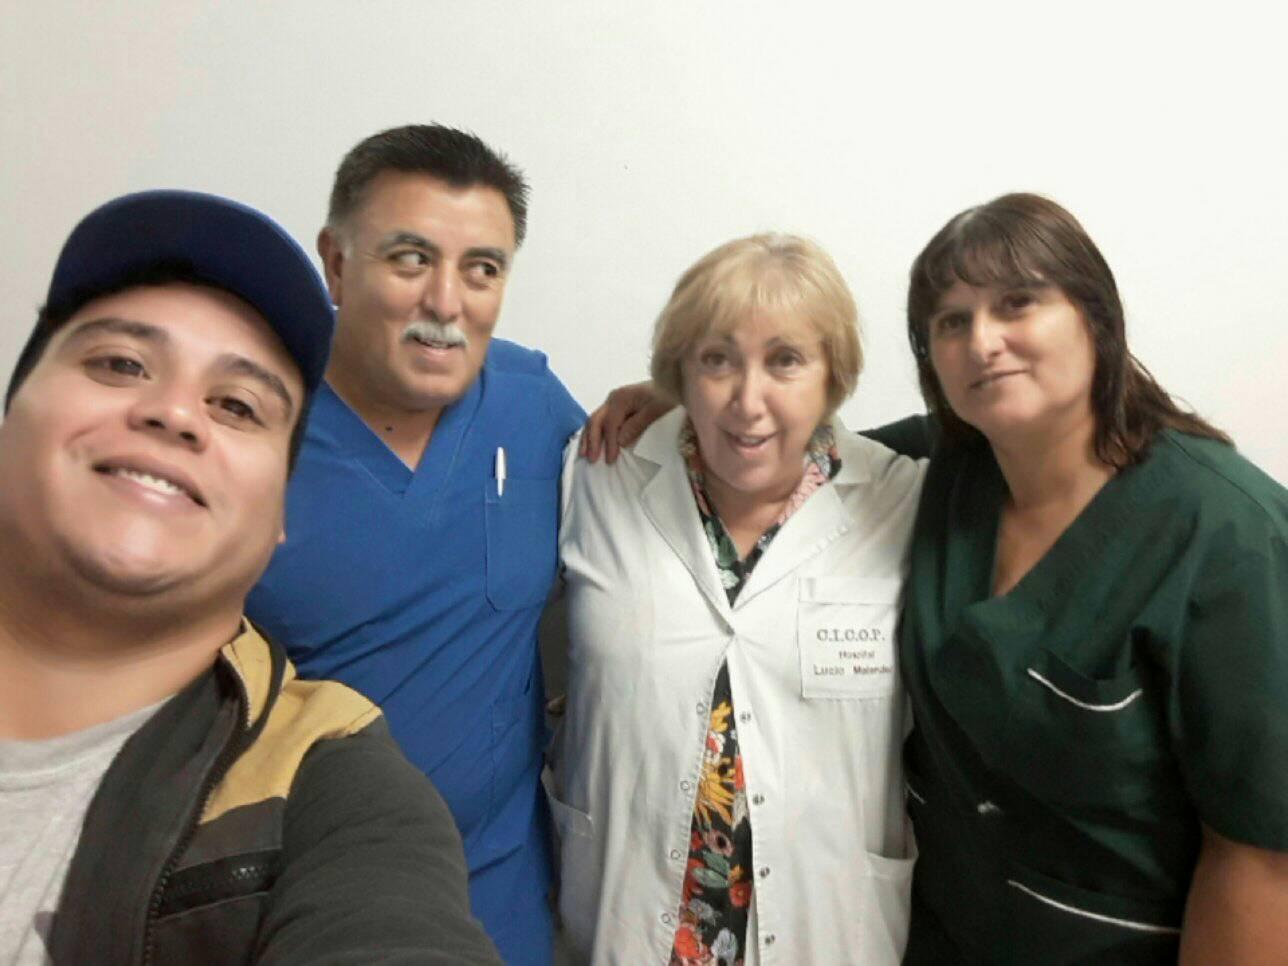 http://medicinayarte.com/img/El%20Lucio.jpg